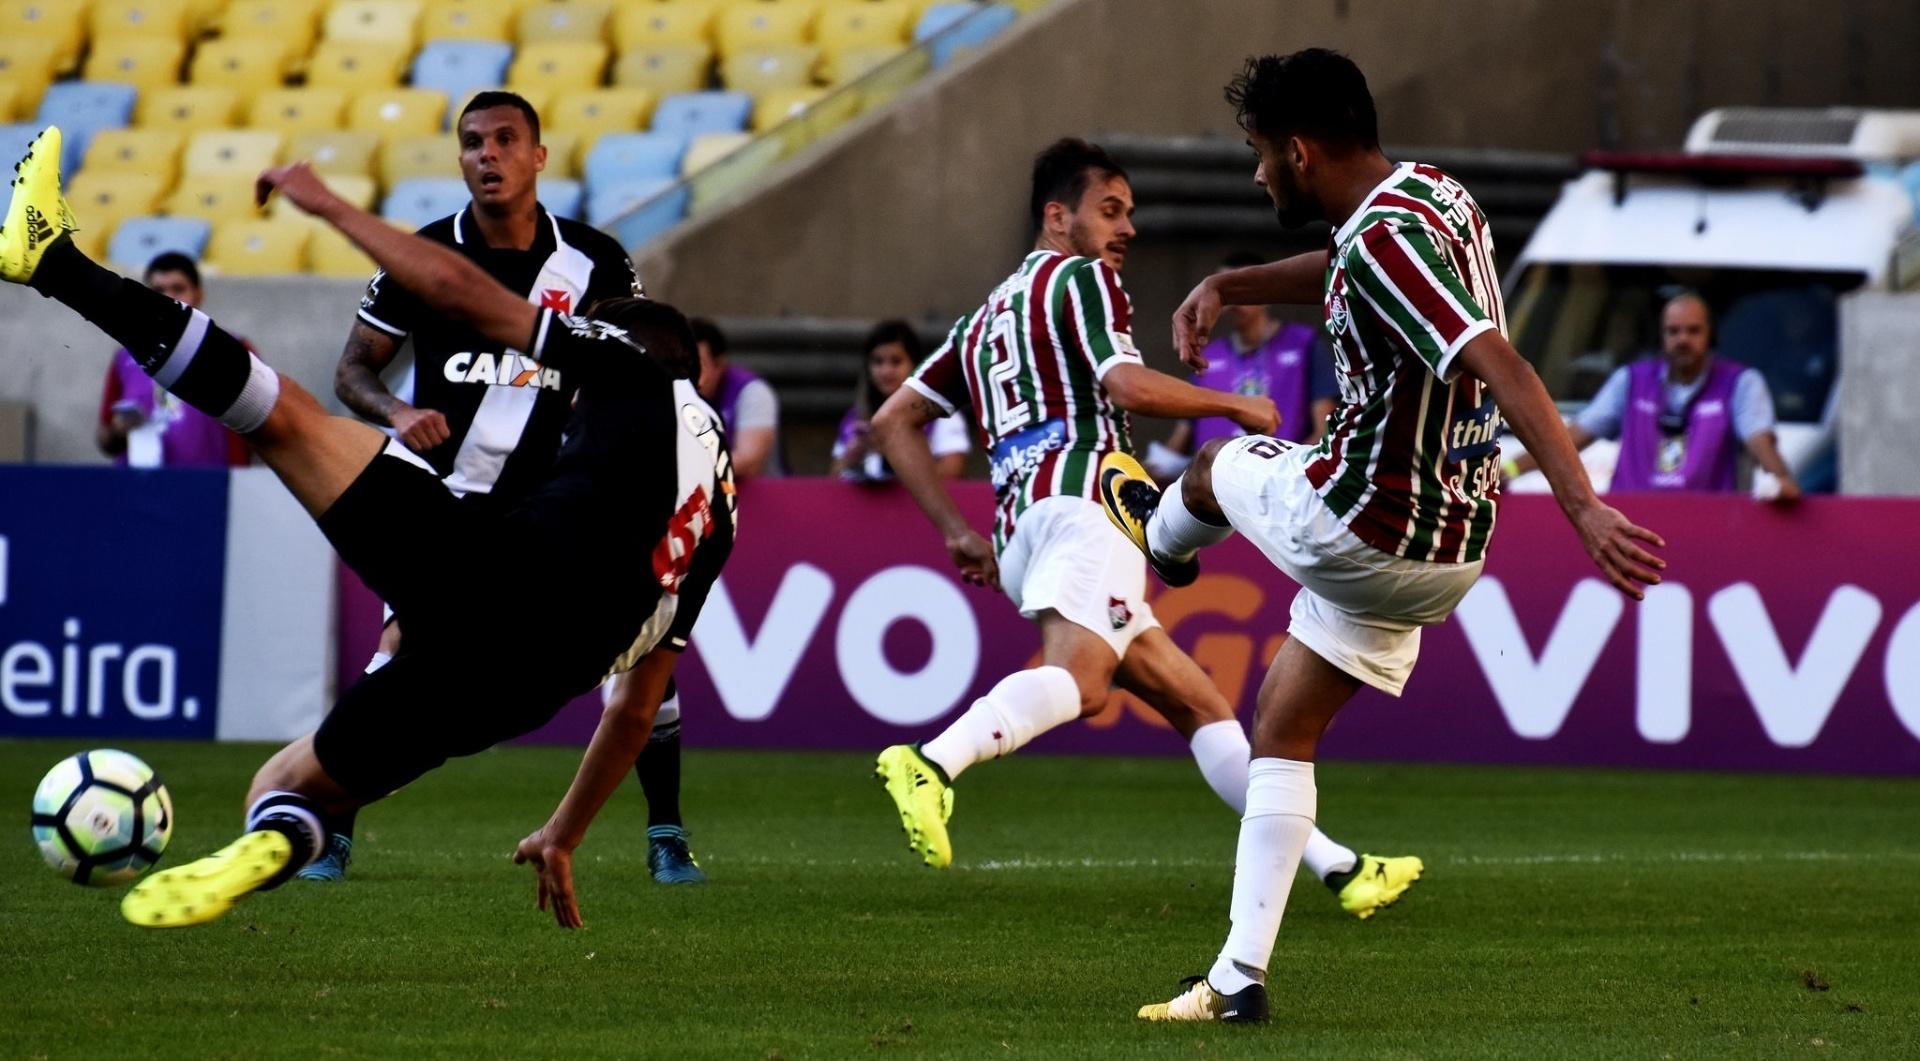 Scarpa tenta passe em clássico contra o Vasco